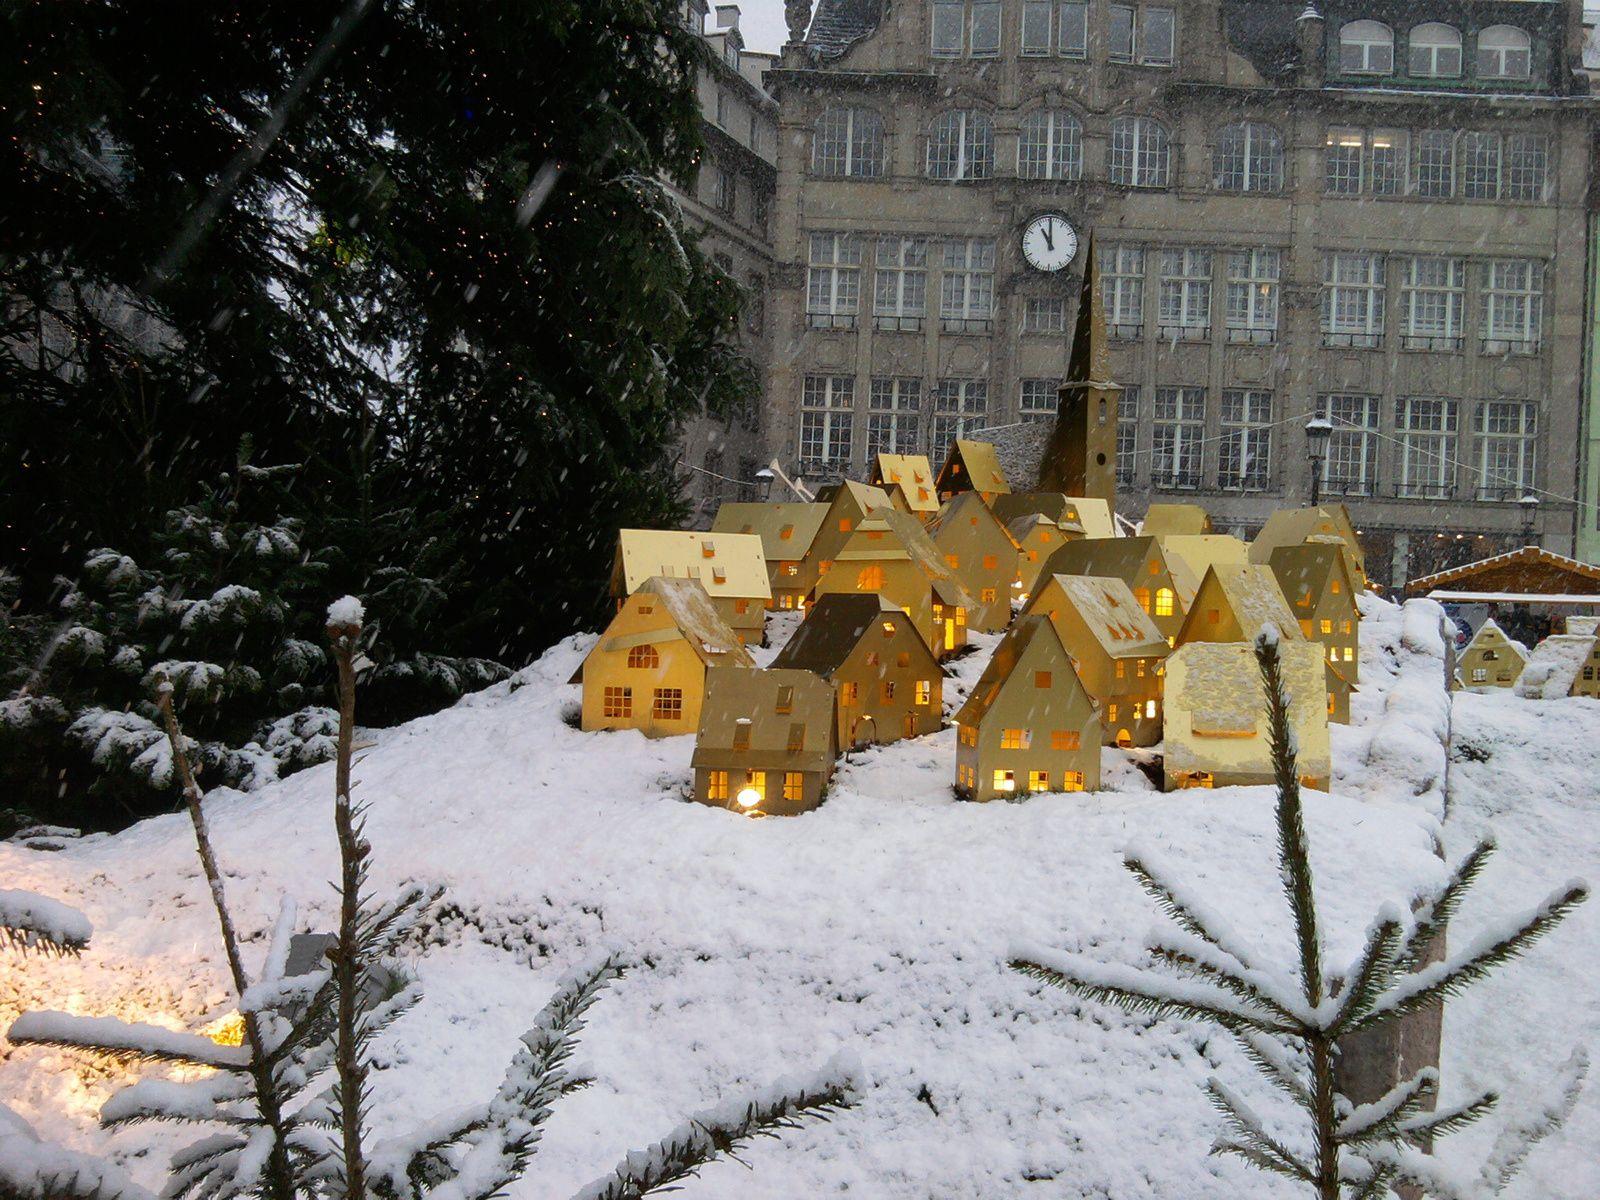 Strasbourg : Hiver 2010. Il y avait de la neige !!!